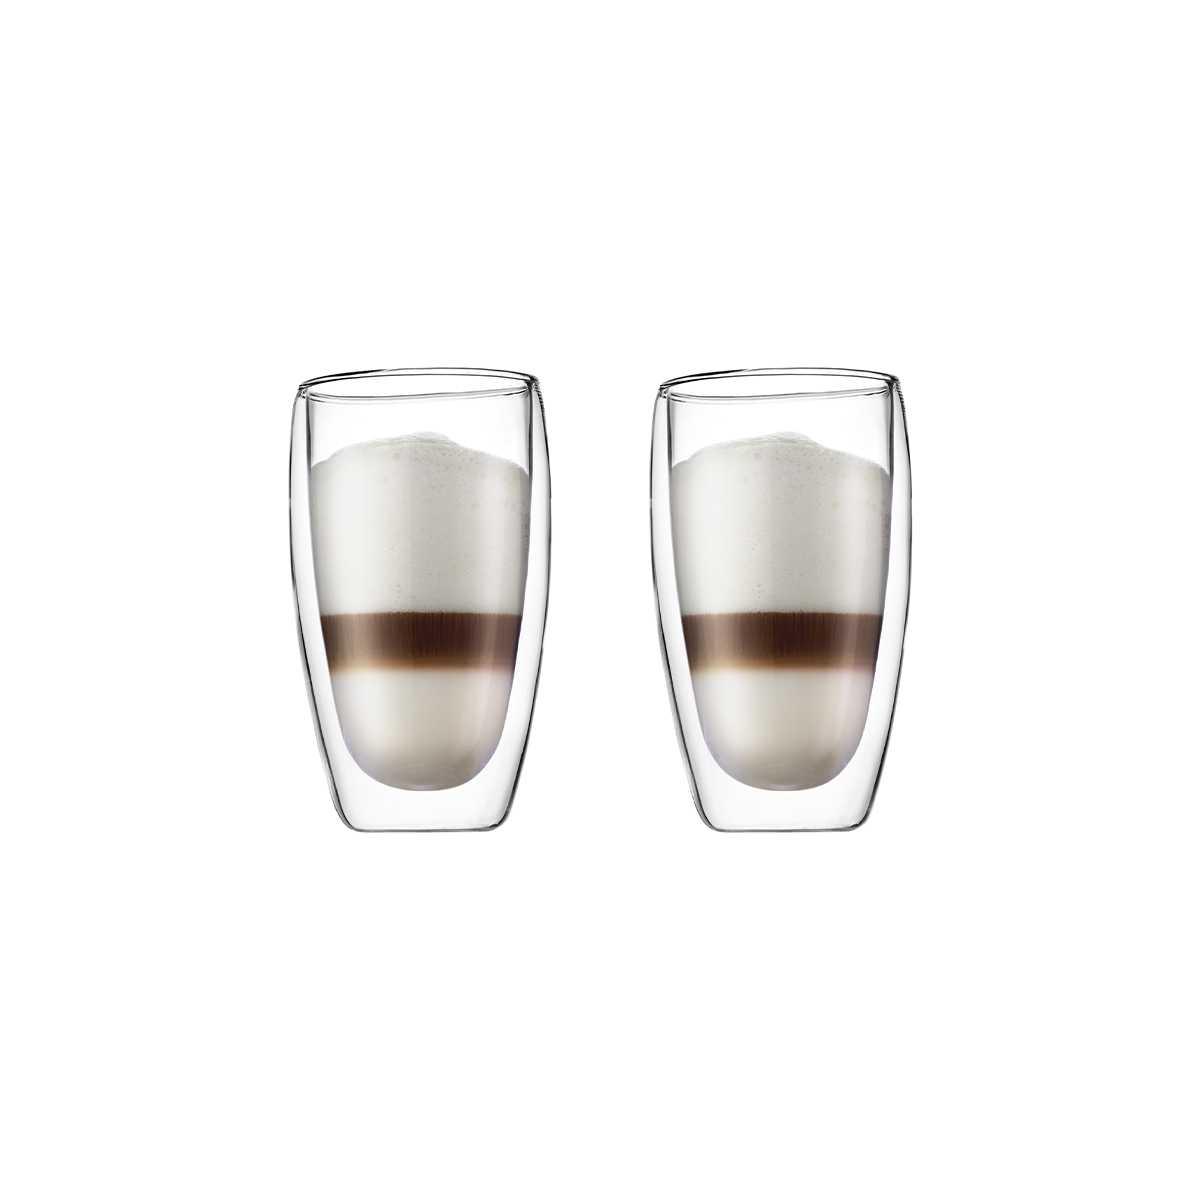 Набор стаканов с двойными стенками 0,45 л, 2 шт Bodum Pavina  (4560-10) Bodum 4560-10 фото 1